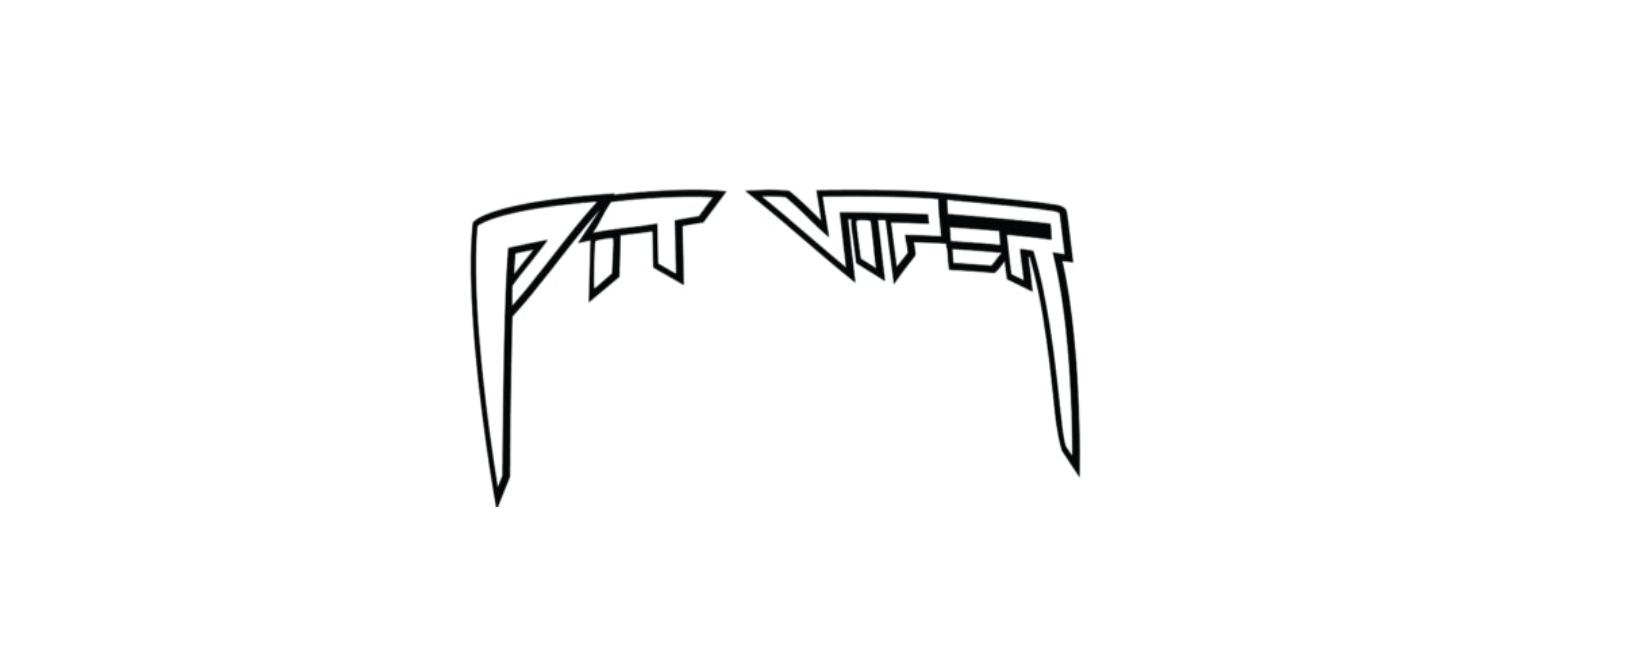 Pit Viper Discount Codes 2021